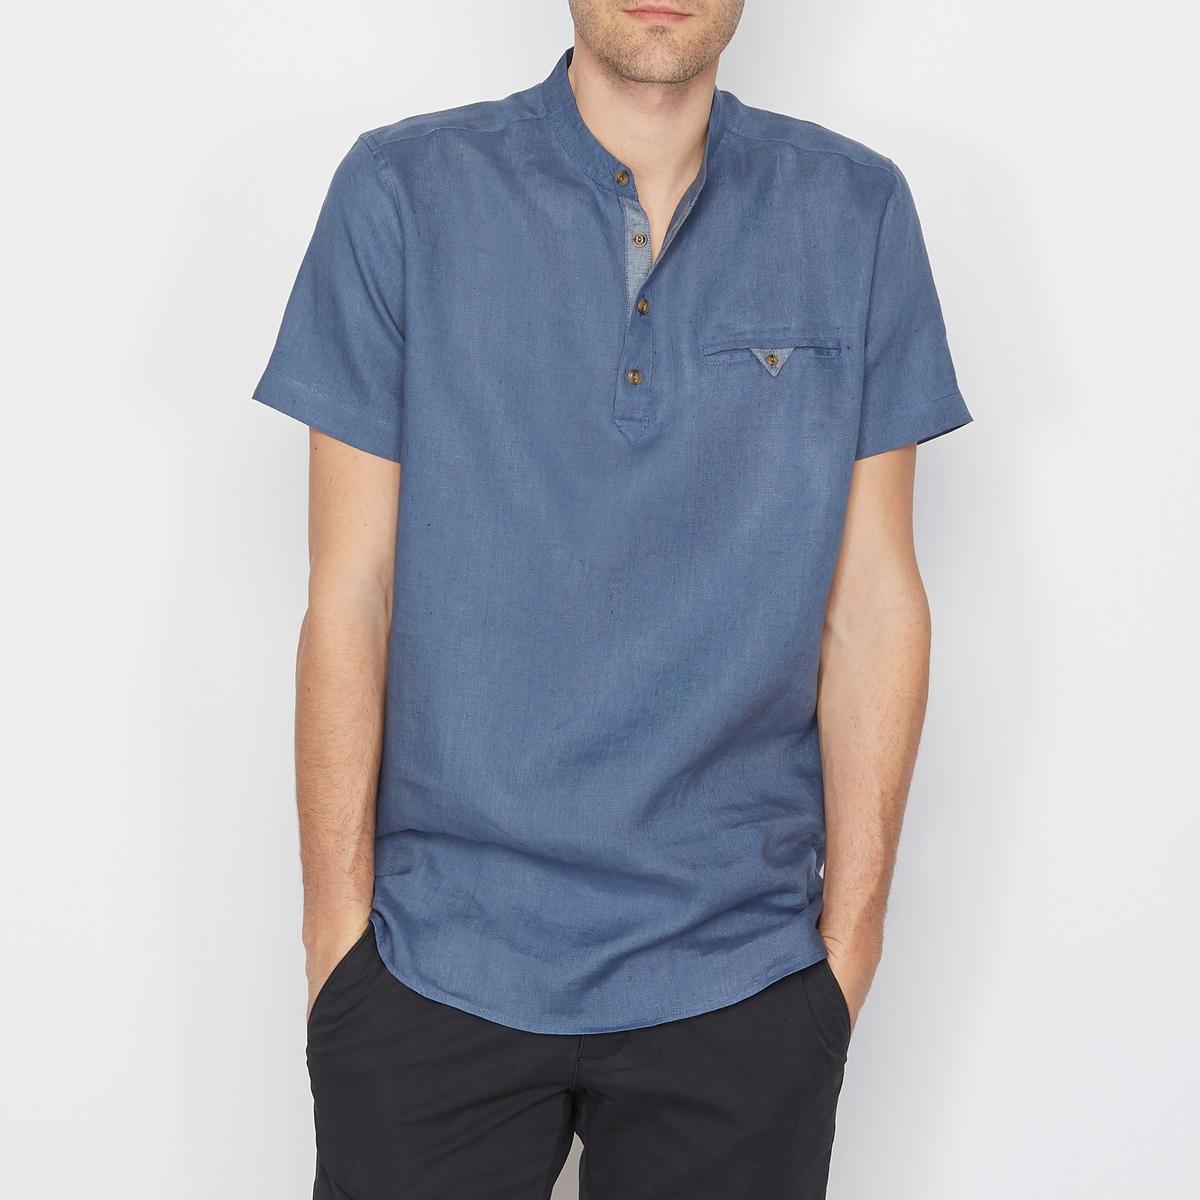 SOFT GREY Рубашка из 100% льна, свободный покрой, короткие рукава